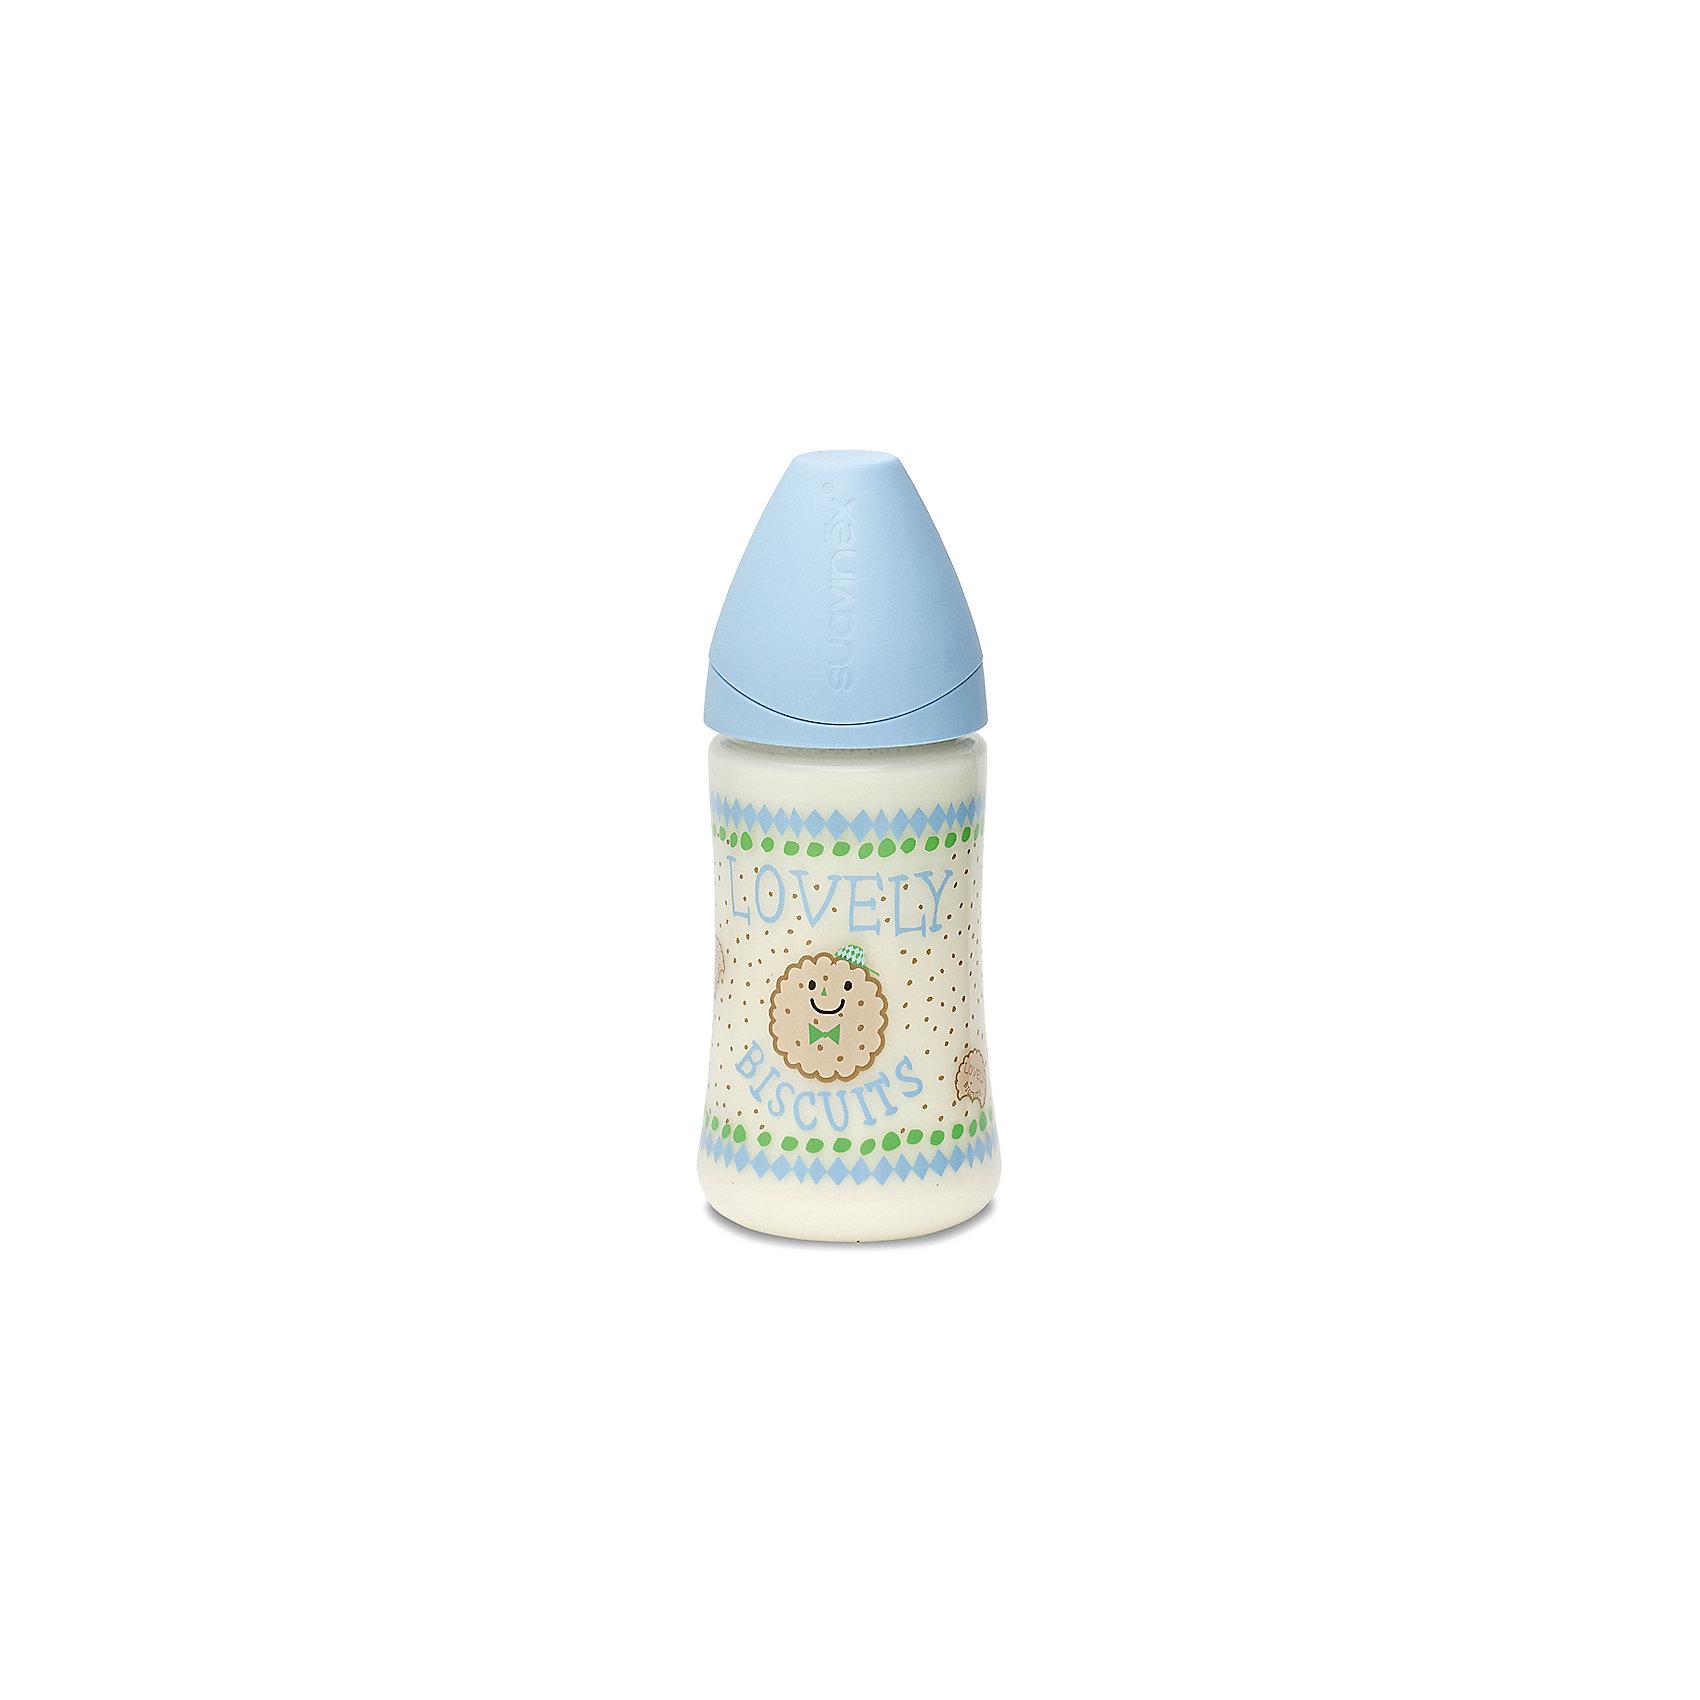 Бутылка 270мл от 0 до 6 мес., Suavinex, голубой печенькаБутылочки и аксессуары<br>Характеристики:<br><br>• Наименование: бутылка для кормления<br>• Рекомендуемый возраст: от 0 до 6 месяцев<br>• Пол: для мальчика<br>• Объем: 270 мл<br>• Материал: латекс, пластик<br>• Цвет: голубой, бежевый<br>• Рисунок: печенье<br>• Форма соски: анатомическая<br>• Поток у соски: медленный<br>• Комплектация: бутылочка, соска, колпачок<br>• Наличие антиколикового клапана<br>• Горлышко бутылки адаптировано под любую форму соски данного производителя<br>• Вес: 105 г<br>• Параметры (Д*Ш*В): 7*7*17,3 см <br>• Особенности ухода: регулярная стерилизация и своевременная замена<br><br>Бутылка 270 мл от 0 до 6 мес., Suavinex, голубой печенька изготовлена испанским торговым брендом, специализирующимся на выпуске товаров для кормления новорожденных и младенцев. Продукция от Suavinex разработана с учетом рекомендаций педиатров и стоматологов, что гарантирует не только качество и безопасность использованных материалов, но и обеспечивает правильное формирование неба. <br><br>Бутылочка выполнена с широким горлышком, что облегчает уход за ней. Латексная соска анатомической формы длительное время сохраняет свои свойства: не рассасывается и не слипается во время кормления. <br><br>Бутылка 270 мл от 0 до 6 мес., Suavinex, голубой печенька выполнена в брендовом дизайне с изображением круглых печенюшек. Рисунок устойчив к появлениям царапин и выгоранию цвета даже при частой стерилизации. Бутылка 270 мл от 0 до 6 мес., Suavinex, голубой печенька станет непревзойденным аксессуаром для кормления вашего малыша.<br><br>Бутылку 270 мл от 0 до 6 мес., Suavinex, голубой печенька можно купить в нашем интернет-магазине.<br><br>Ширина мм: 70<br>Глубина мм: 70<br>Высота мм: 173<br>Вес г: 105<br>Возраст от месяцев: 0<br>Возраст до месяцев: 6<br>Пол: Мужской<br>Возраст: Детский<br>SKU: 5451219